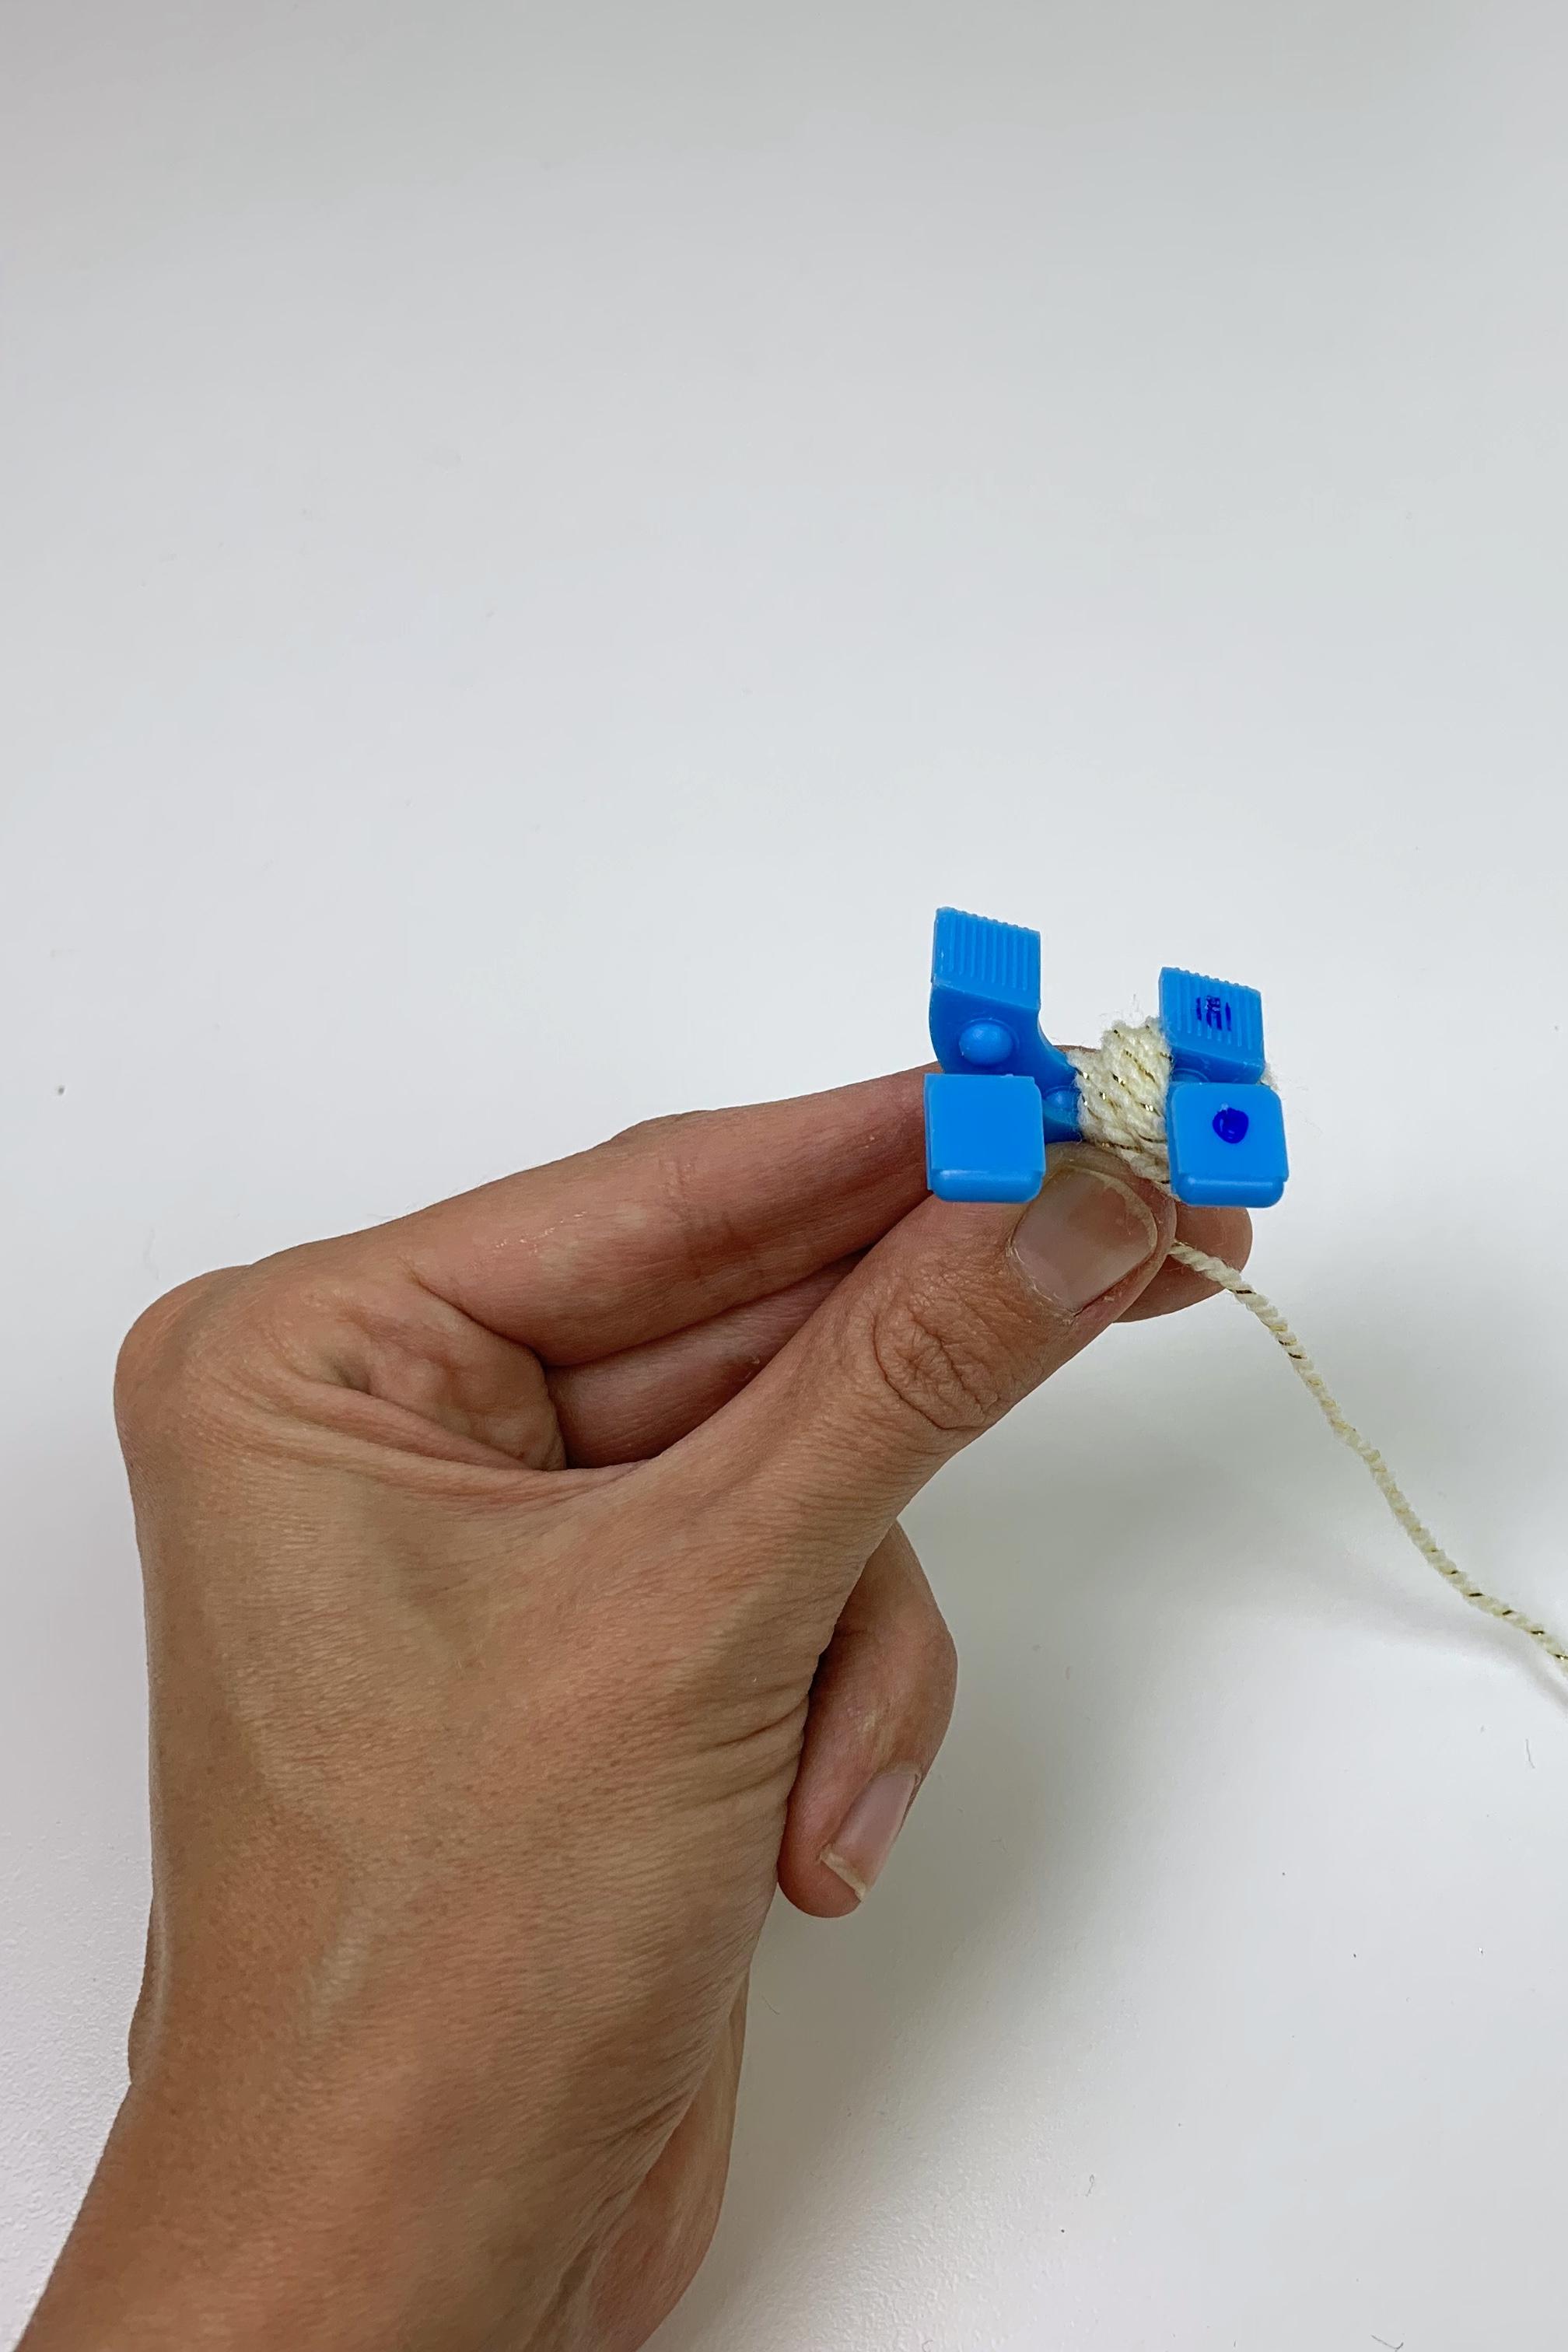 3. - Nehme dir den Pompon-Maker und wickle um die ersten beiden Teile die Wolle. Ob du die richtigen Teile hast, siehst du an der Markierung. (Bei dem kleinsten Pompon musste ich etwas nachmalen bei der Markierung.)